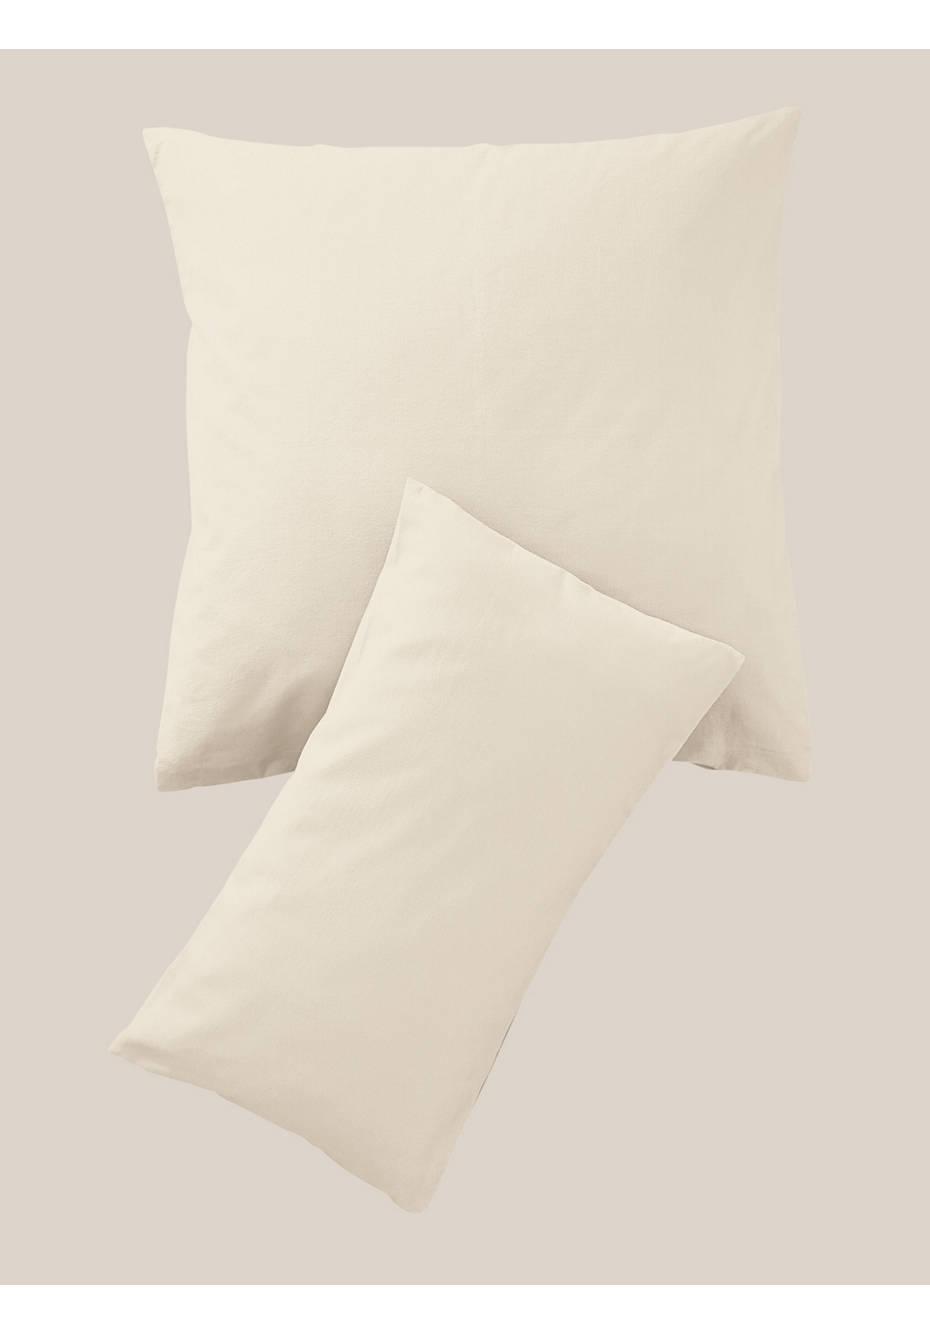 warum werden bettdecken gelblich schlafzimmer komplett g nstig holz l use bettw sche waschen. Black Bedroom Furniture Sets. Home Design Ideas